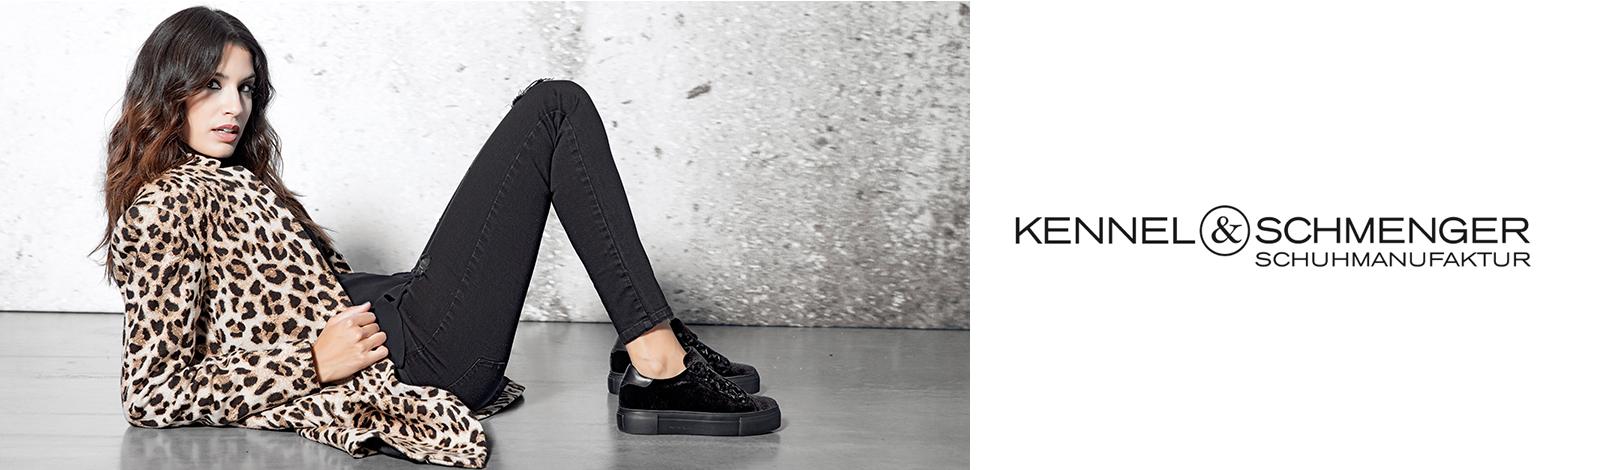 Schuhe Kennel Schmenger